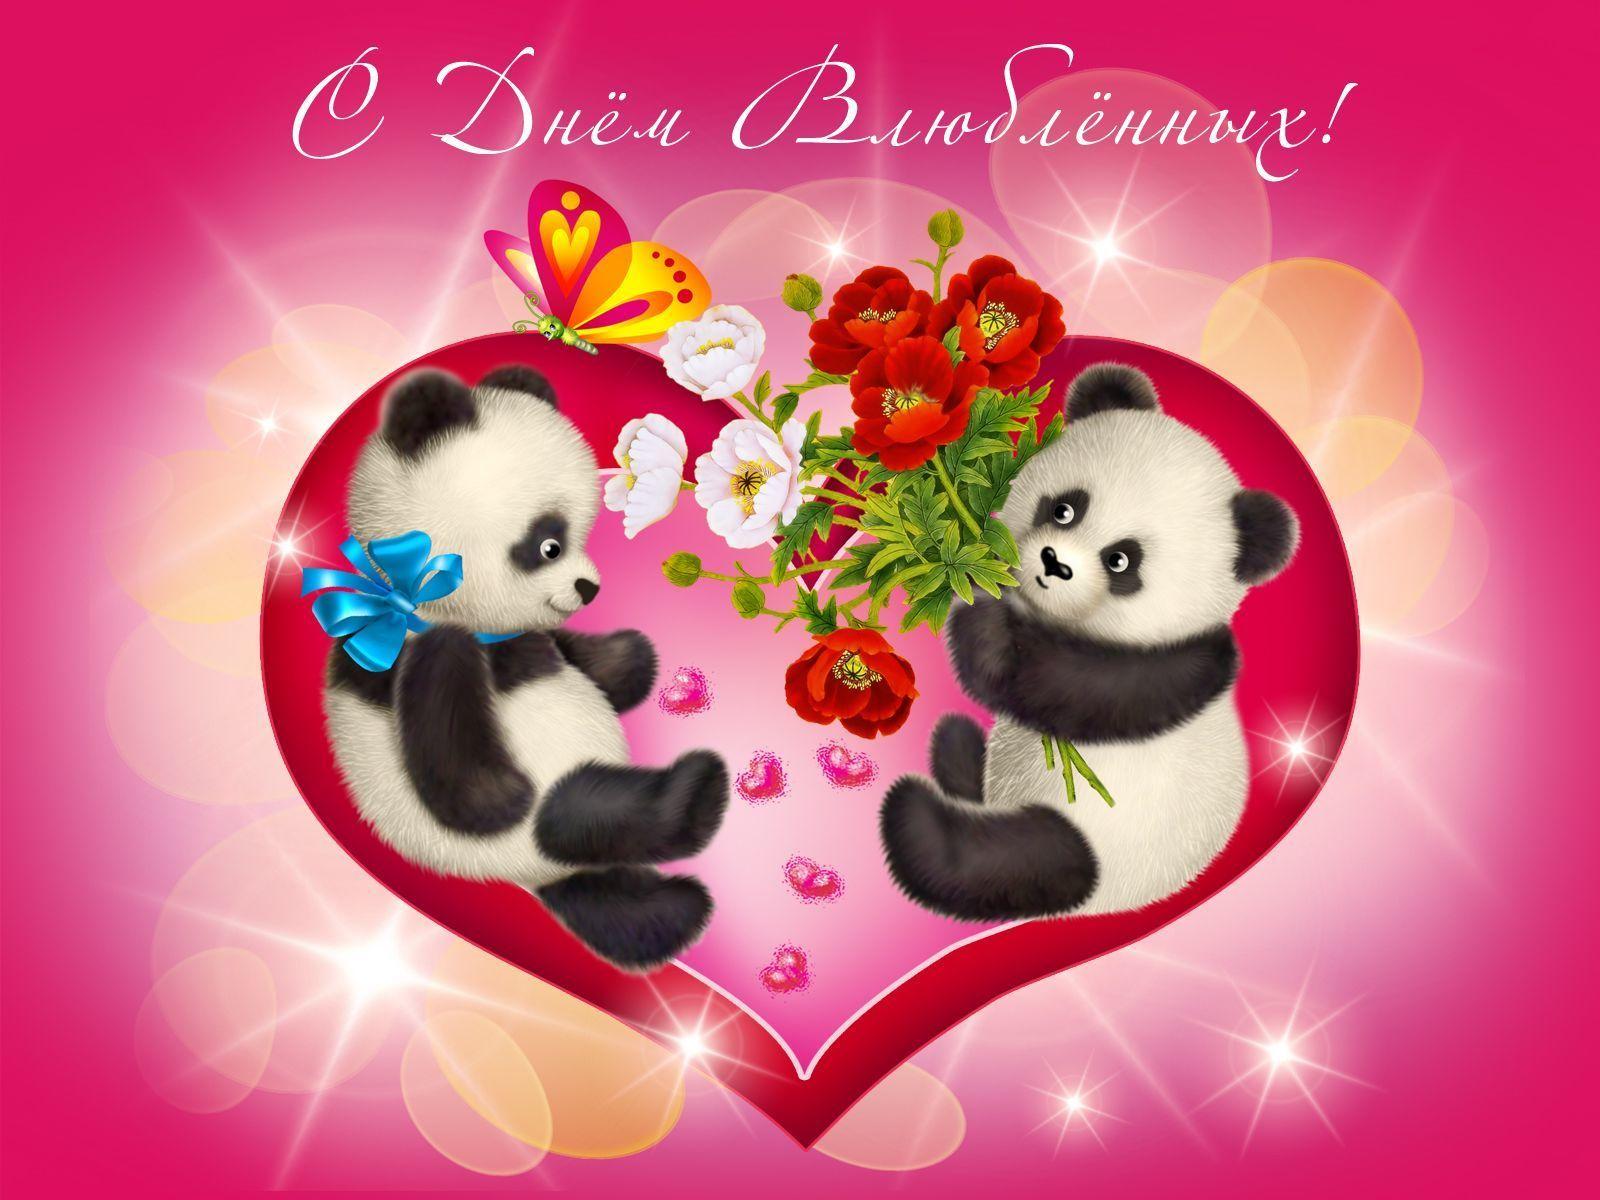 День Святого Валентина картинки 14 февраля праздник день всех влюбленных